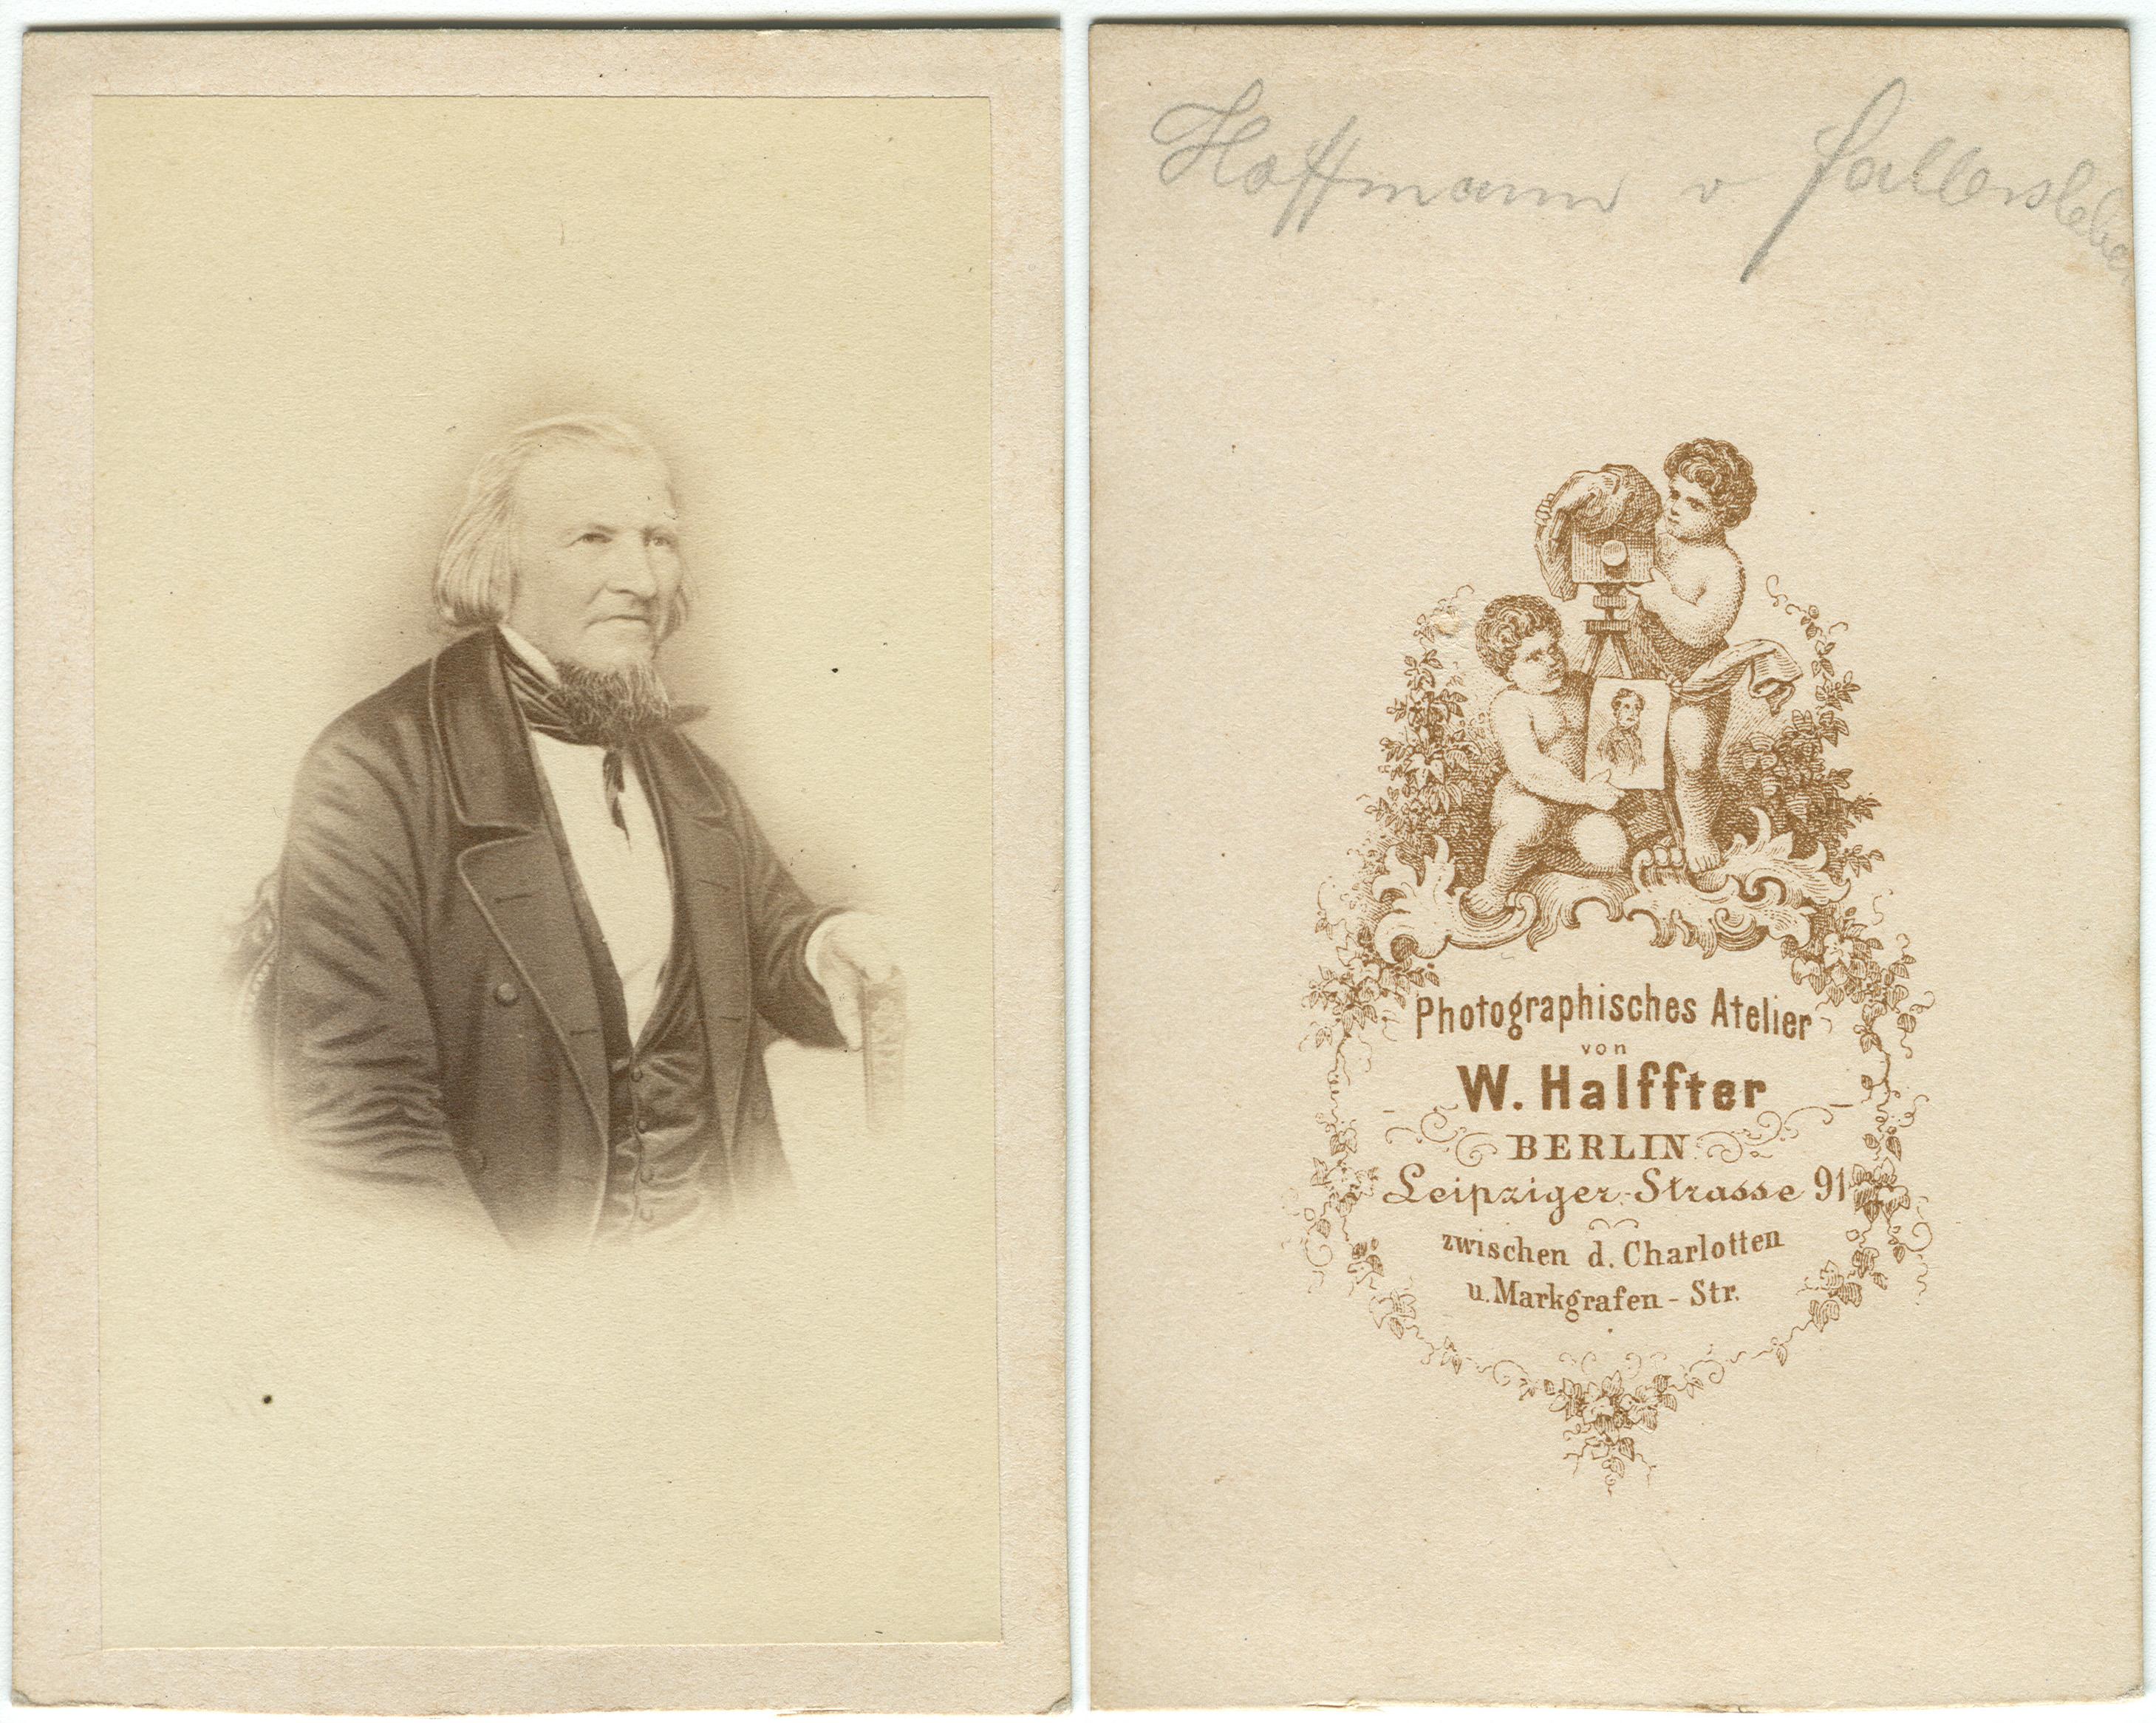 FileHoffmann Von Fallersleben Carte De Visite W Halffter Berlin Bild Und Ruckseite